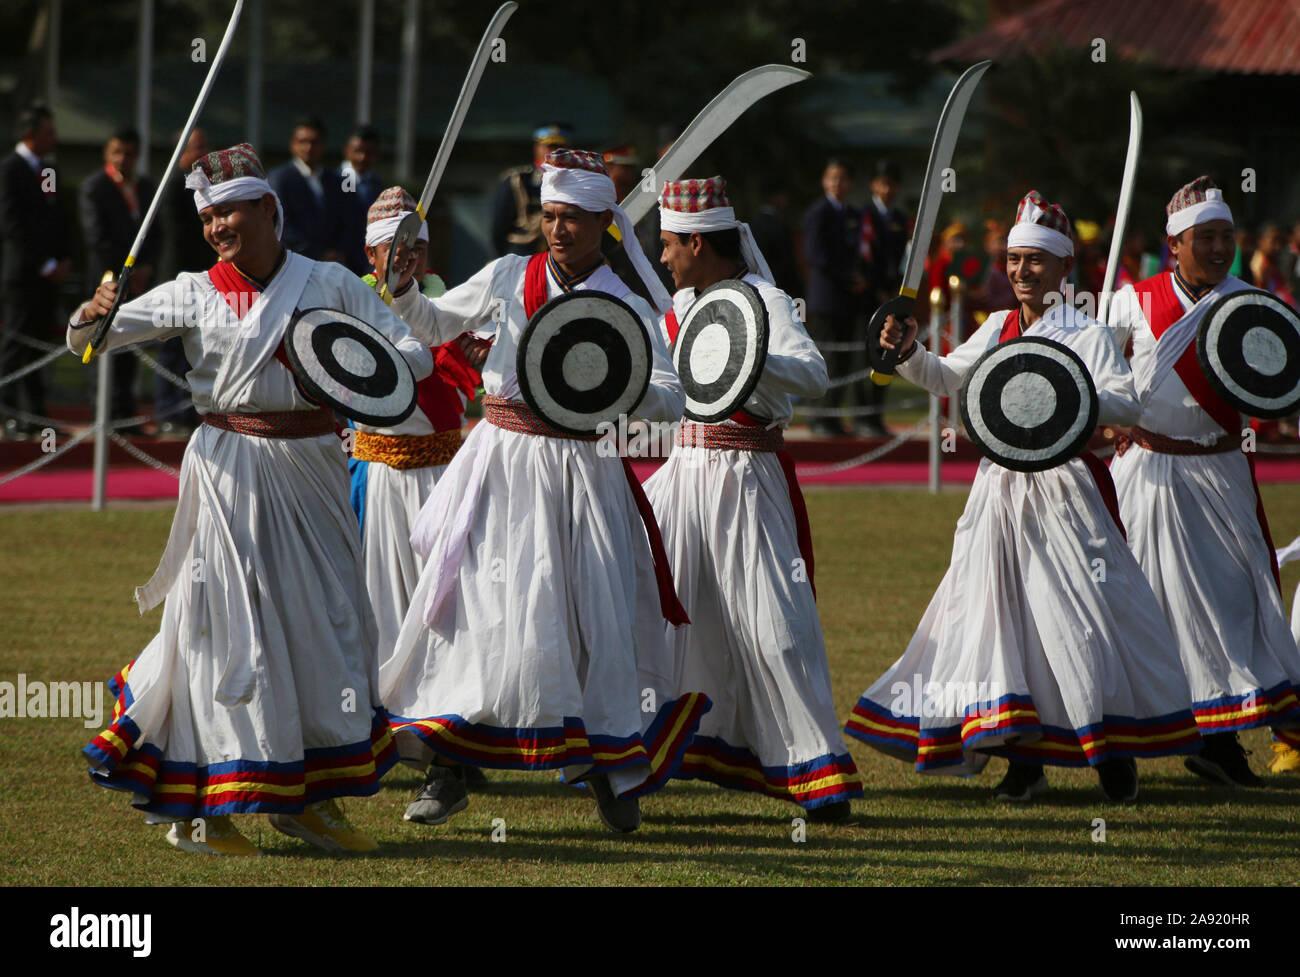 Katmandou, Népal. 12 Nov, 2019. Costumes traditionnels népalais avec danseurs effectuer tout en accueillant le Président du Bangladesh M Abdul Hamid à l'aéroport international de Tribhuvan à Katmandou, capitale du Népal, le 12 novembre 2019. Le président du Bangladesh M Abdul Hamid est arrivé à Katmandou le mardi pour quatre jours de visite officielle. Credit: Str/Xinhua/Alamy Live News Banque D'Images